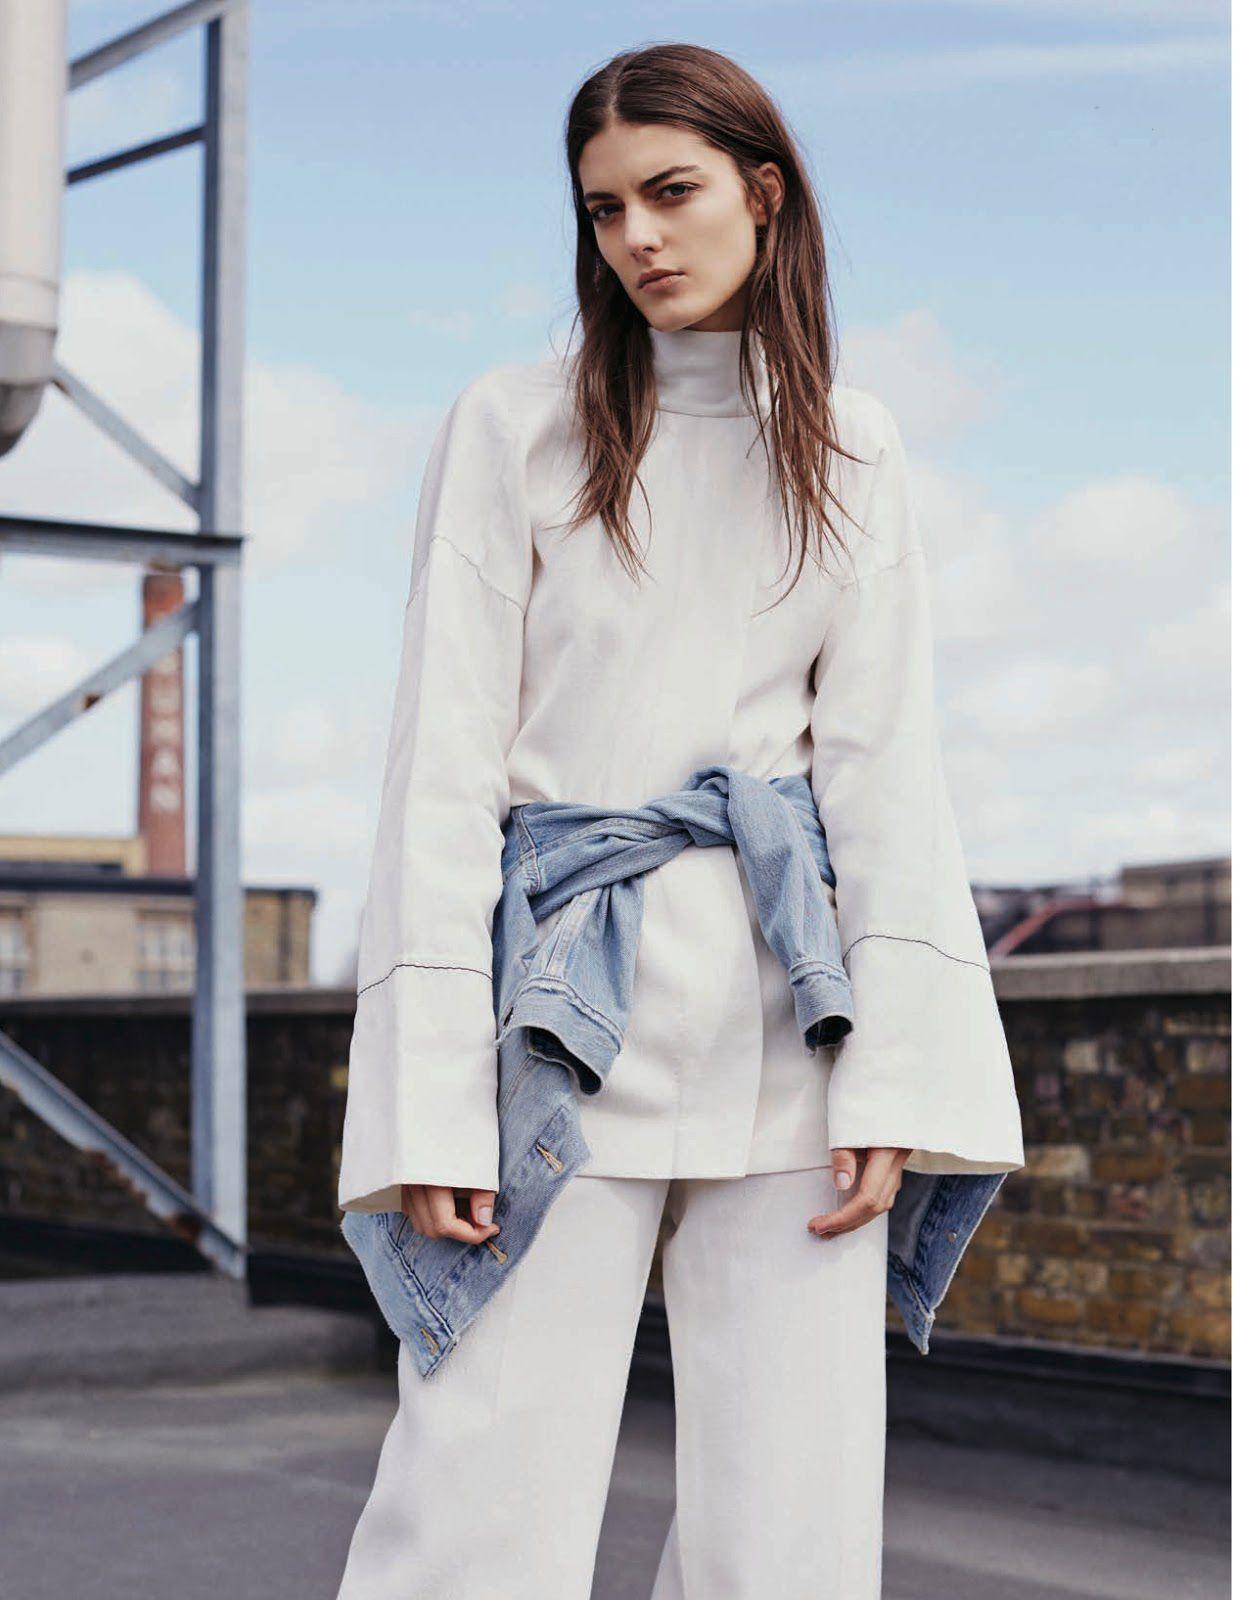 white flared sleeve mock neck top & denim jacket #style #fashion #minimal #editorial